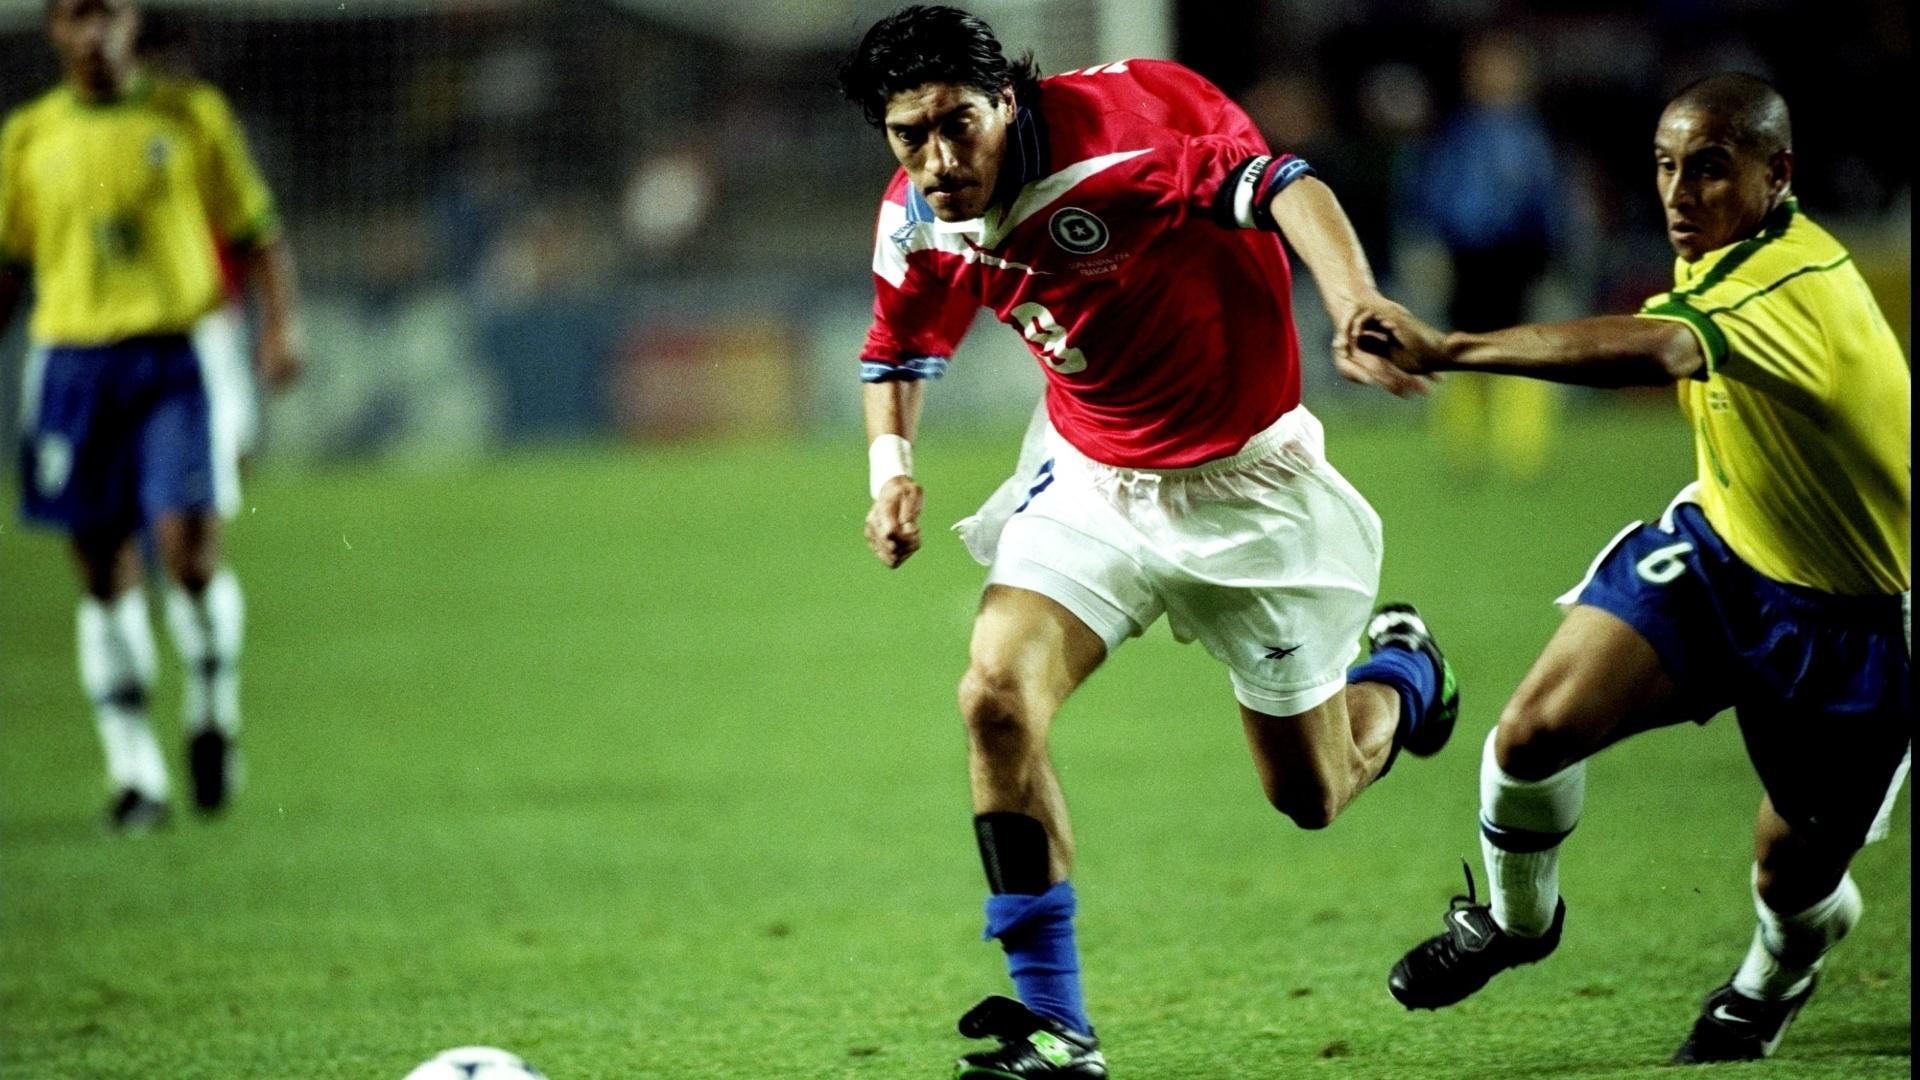 27.jun.1998 - Atacante Zamorano, do Chile, passa pela marcação do lateral Roberto Carlos durante a derrota por 4 a 1 para o Brasil, pelas oitavas da Copa do Mundo 1998